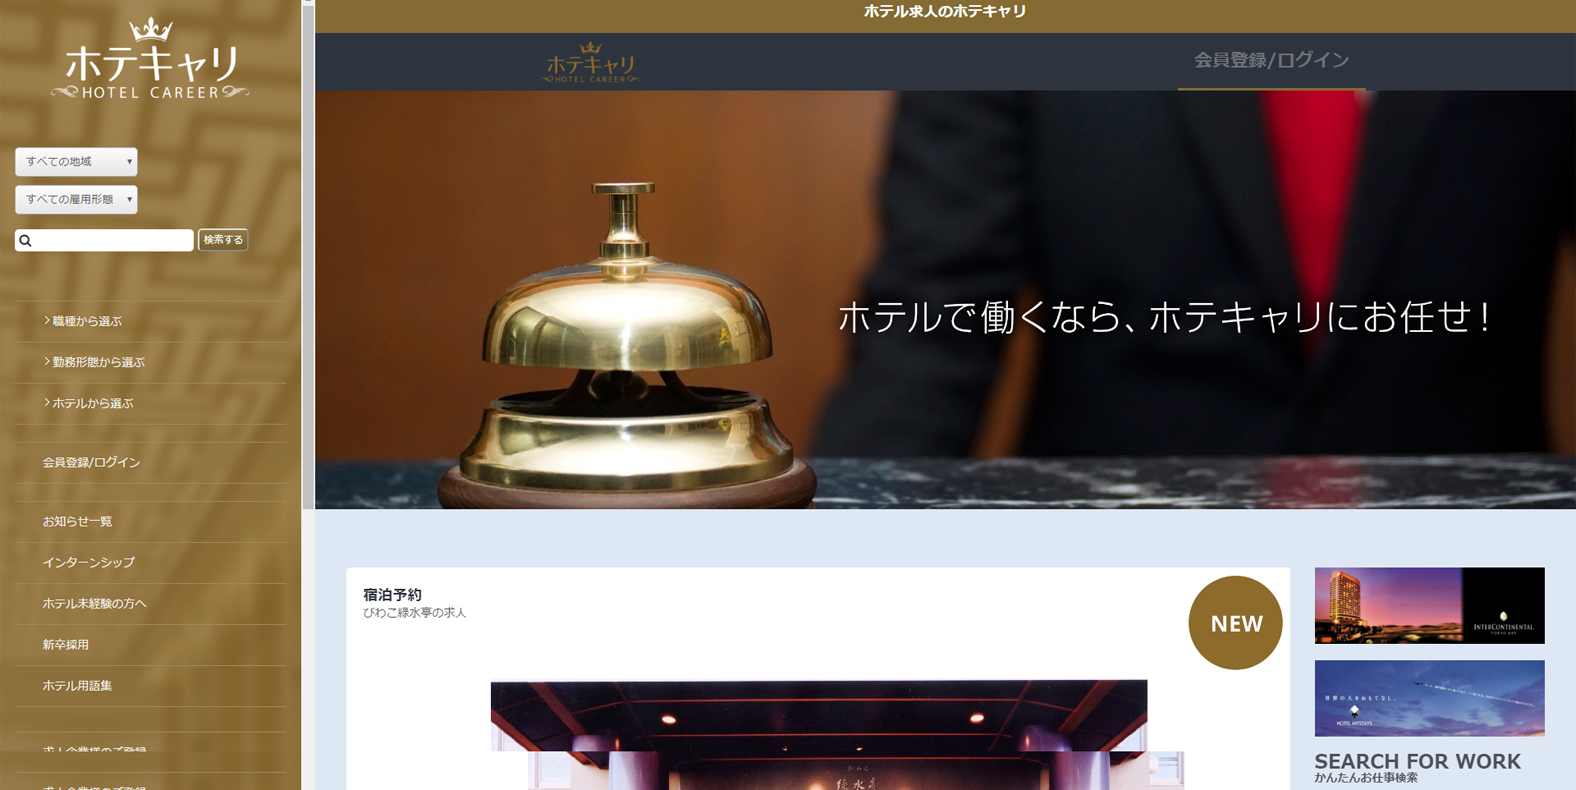 ホテキャリ(ホテル求人サイト)